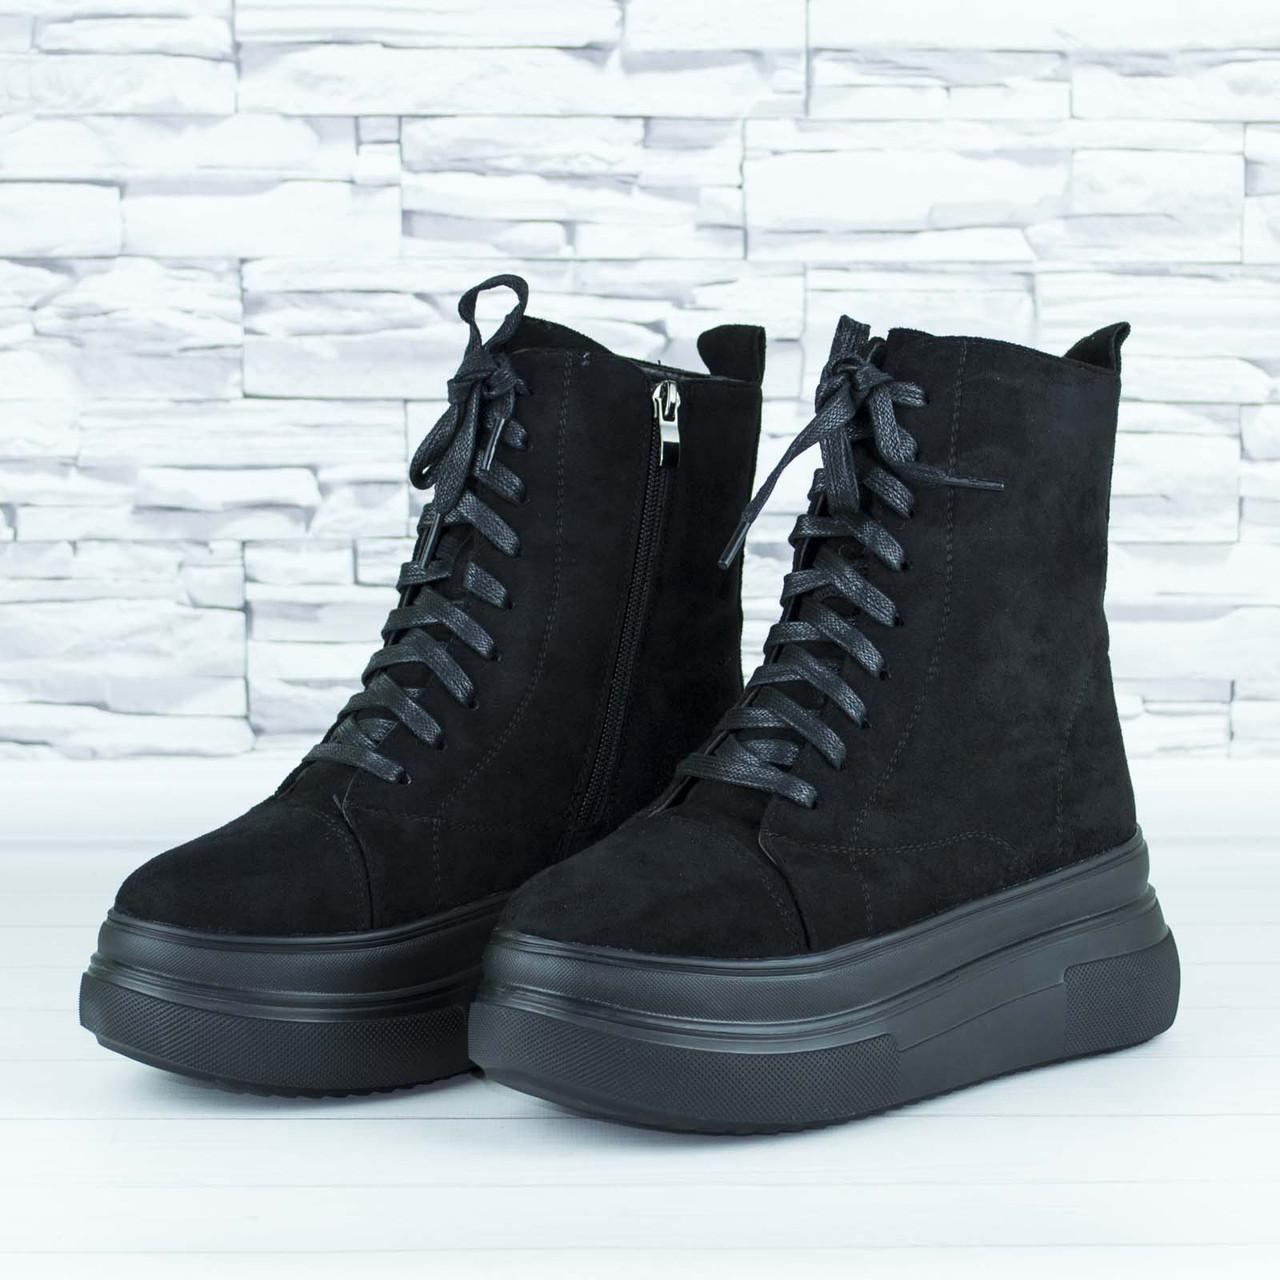 Ботинки женские зимние черные на шнурках и молнии эко замша b-464